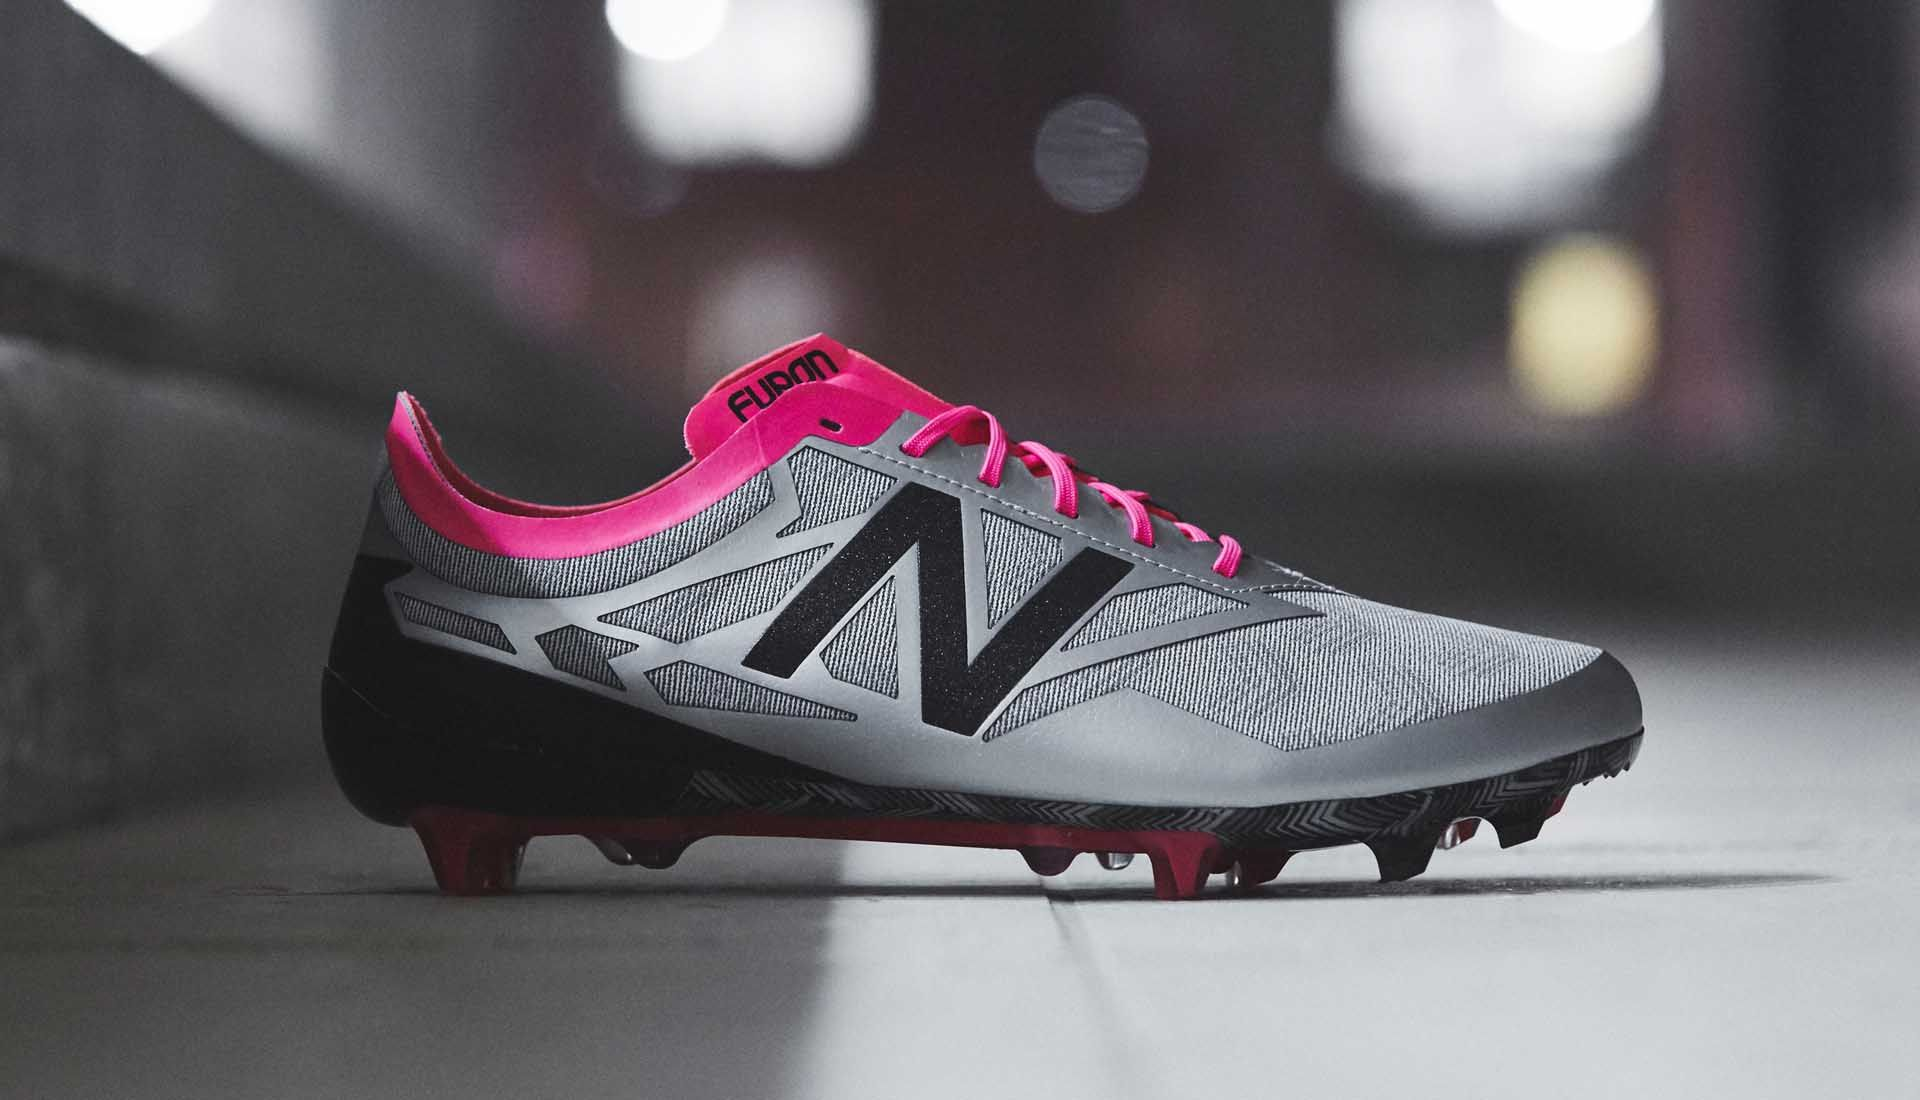 S'offre De New Foot 3 La Chaussure Un Coloris Balance 0 Furon 5nxw484g1